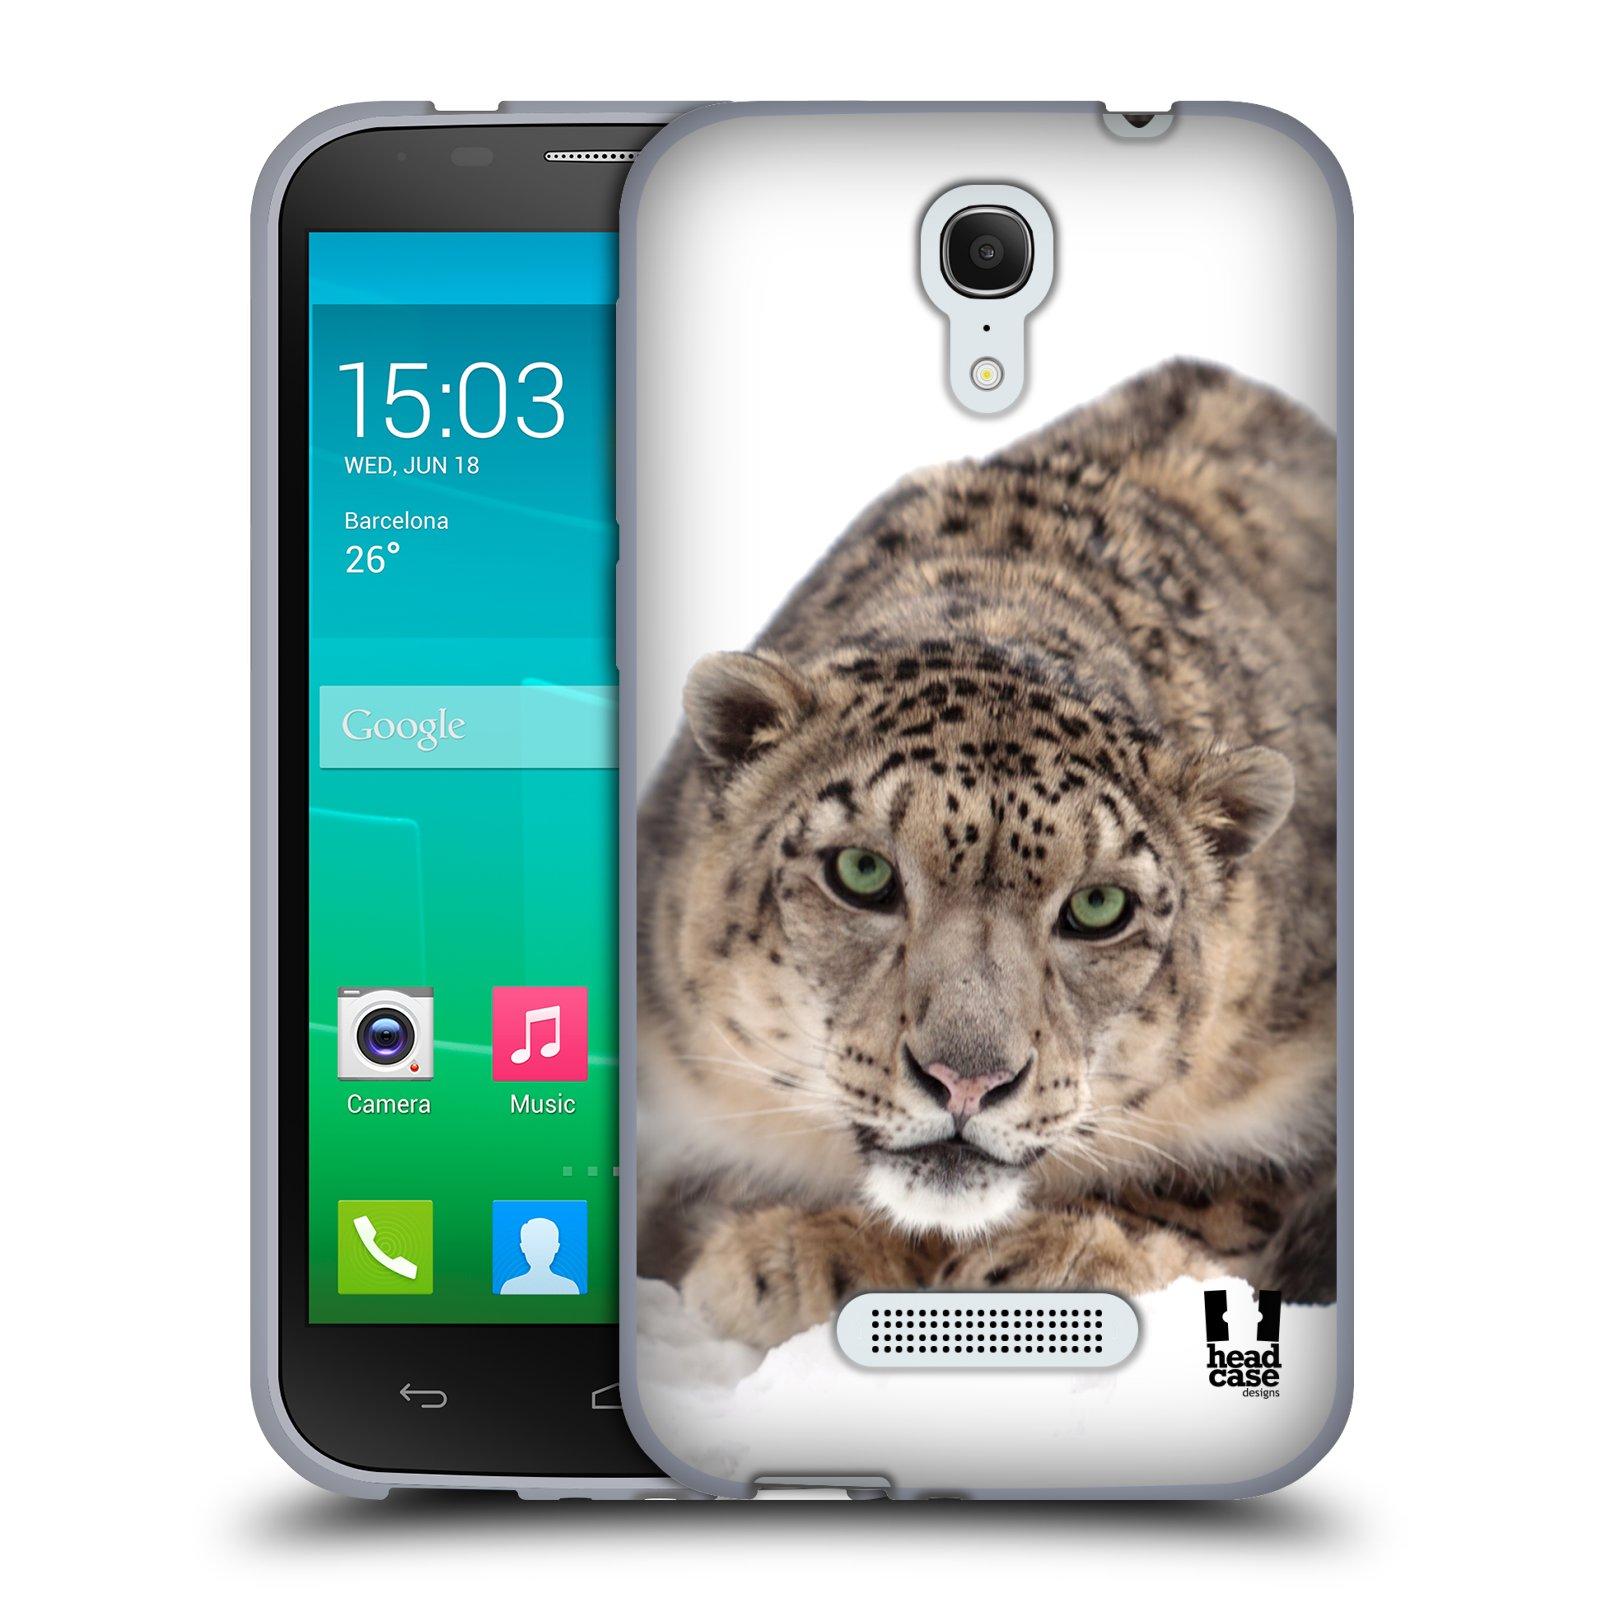 HEAD CASE silikonový obal na mobil Alcatel POP S7 vzor Divočina, Divoký život a zvířata foto SNĚŽNÝ LEOPARD